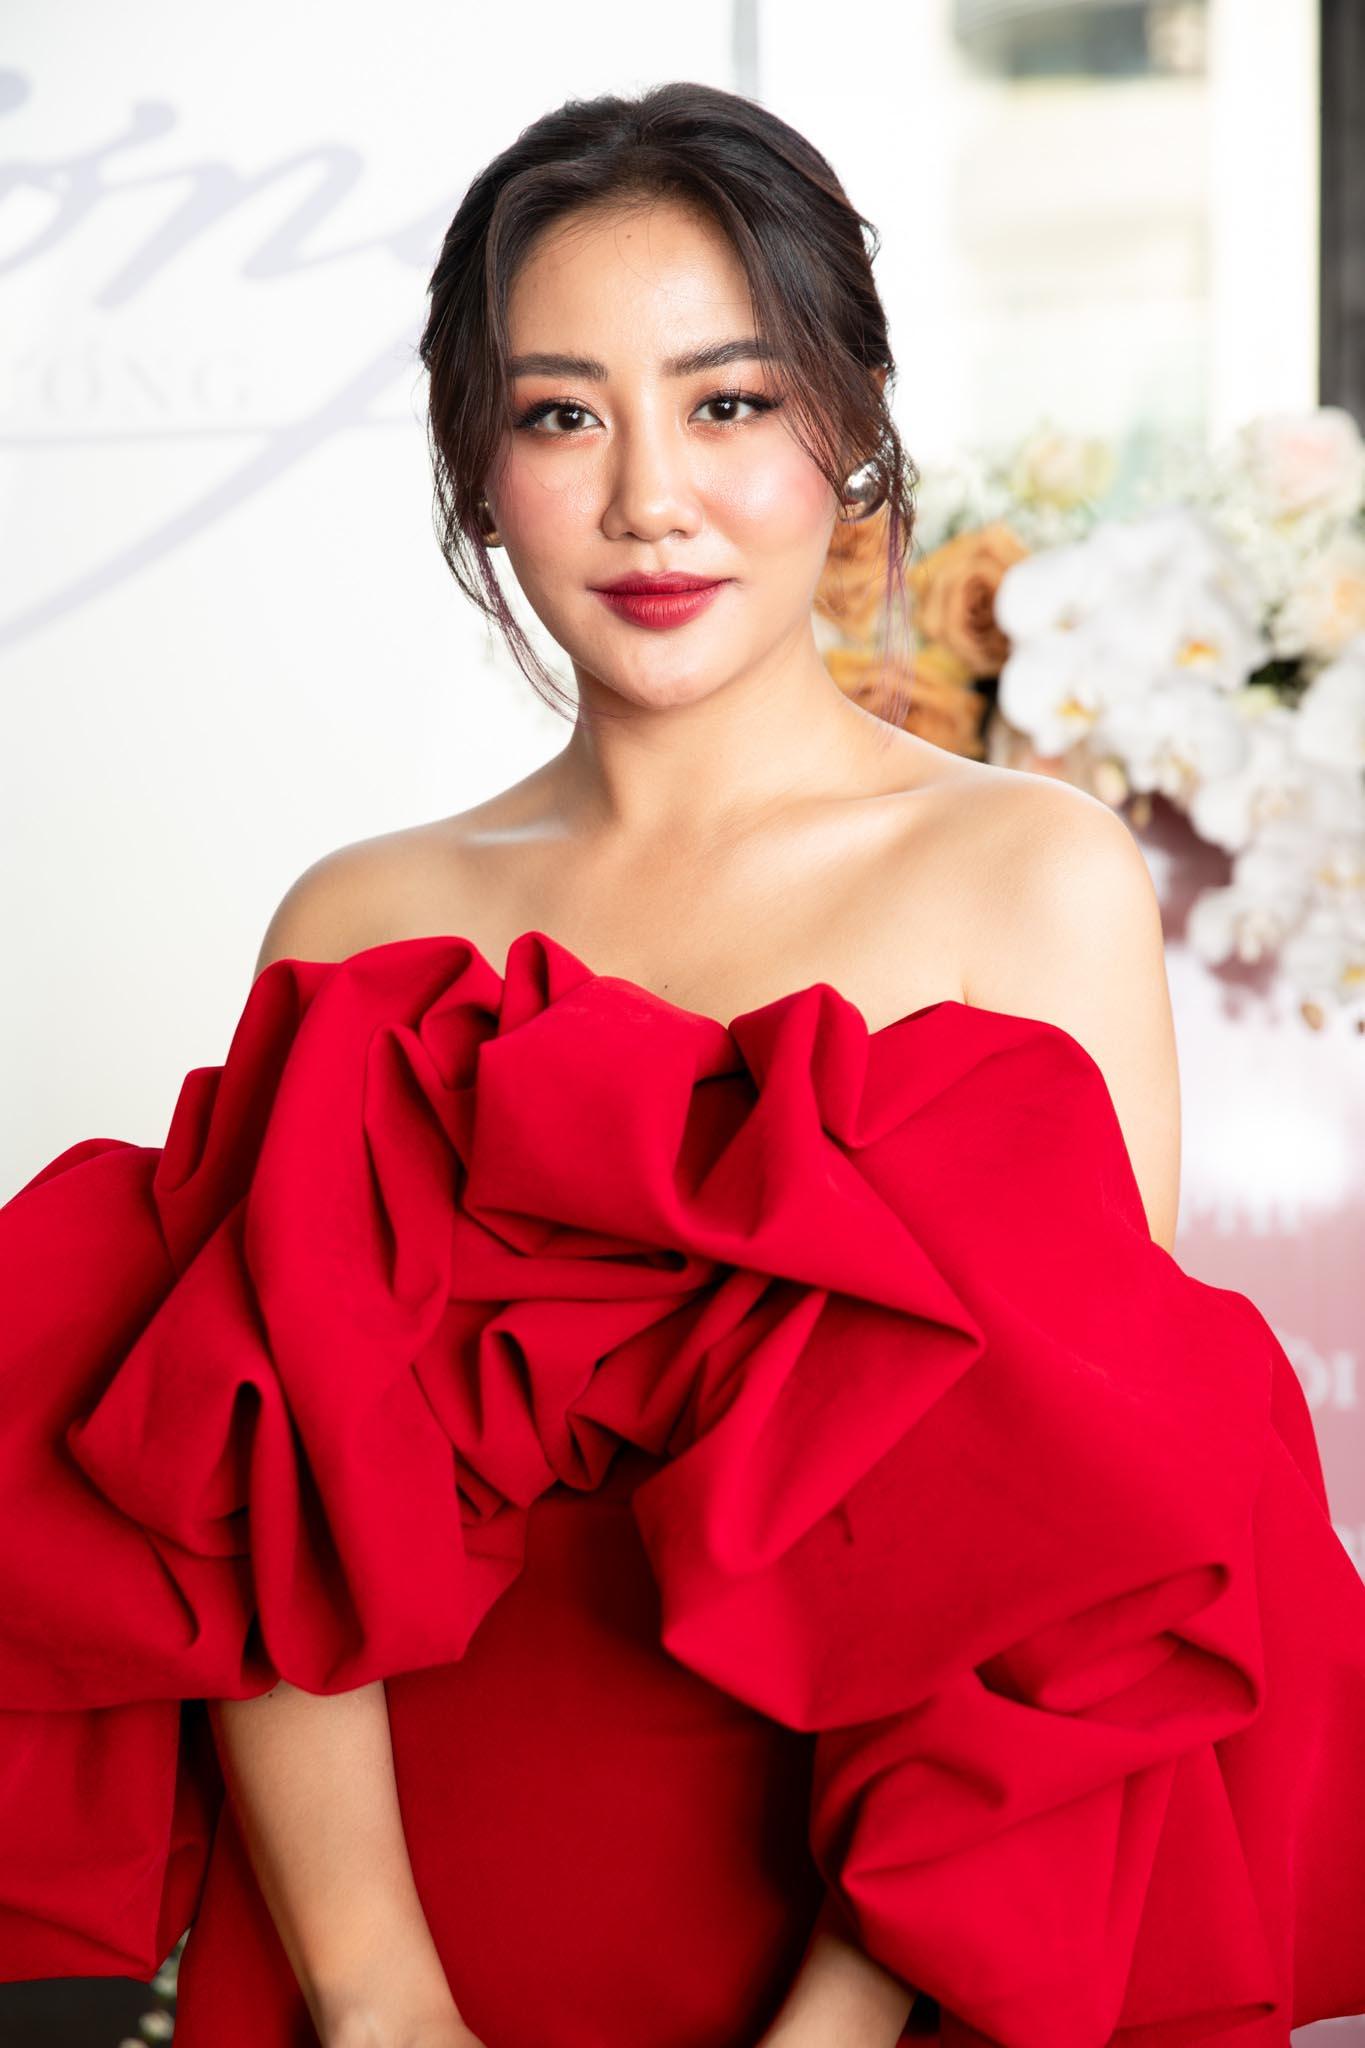 van mai huong 6 1628669806 652 width1365height2048 Văn Mai Hương khéo léo khoe đặc điểm hấp dẫn nhất của cơ thể phụ nữ